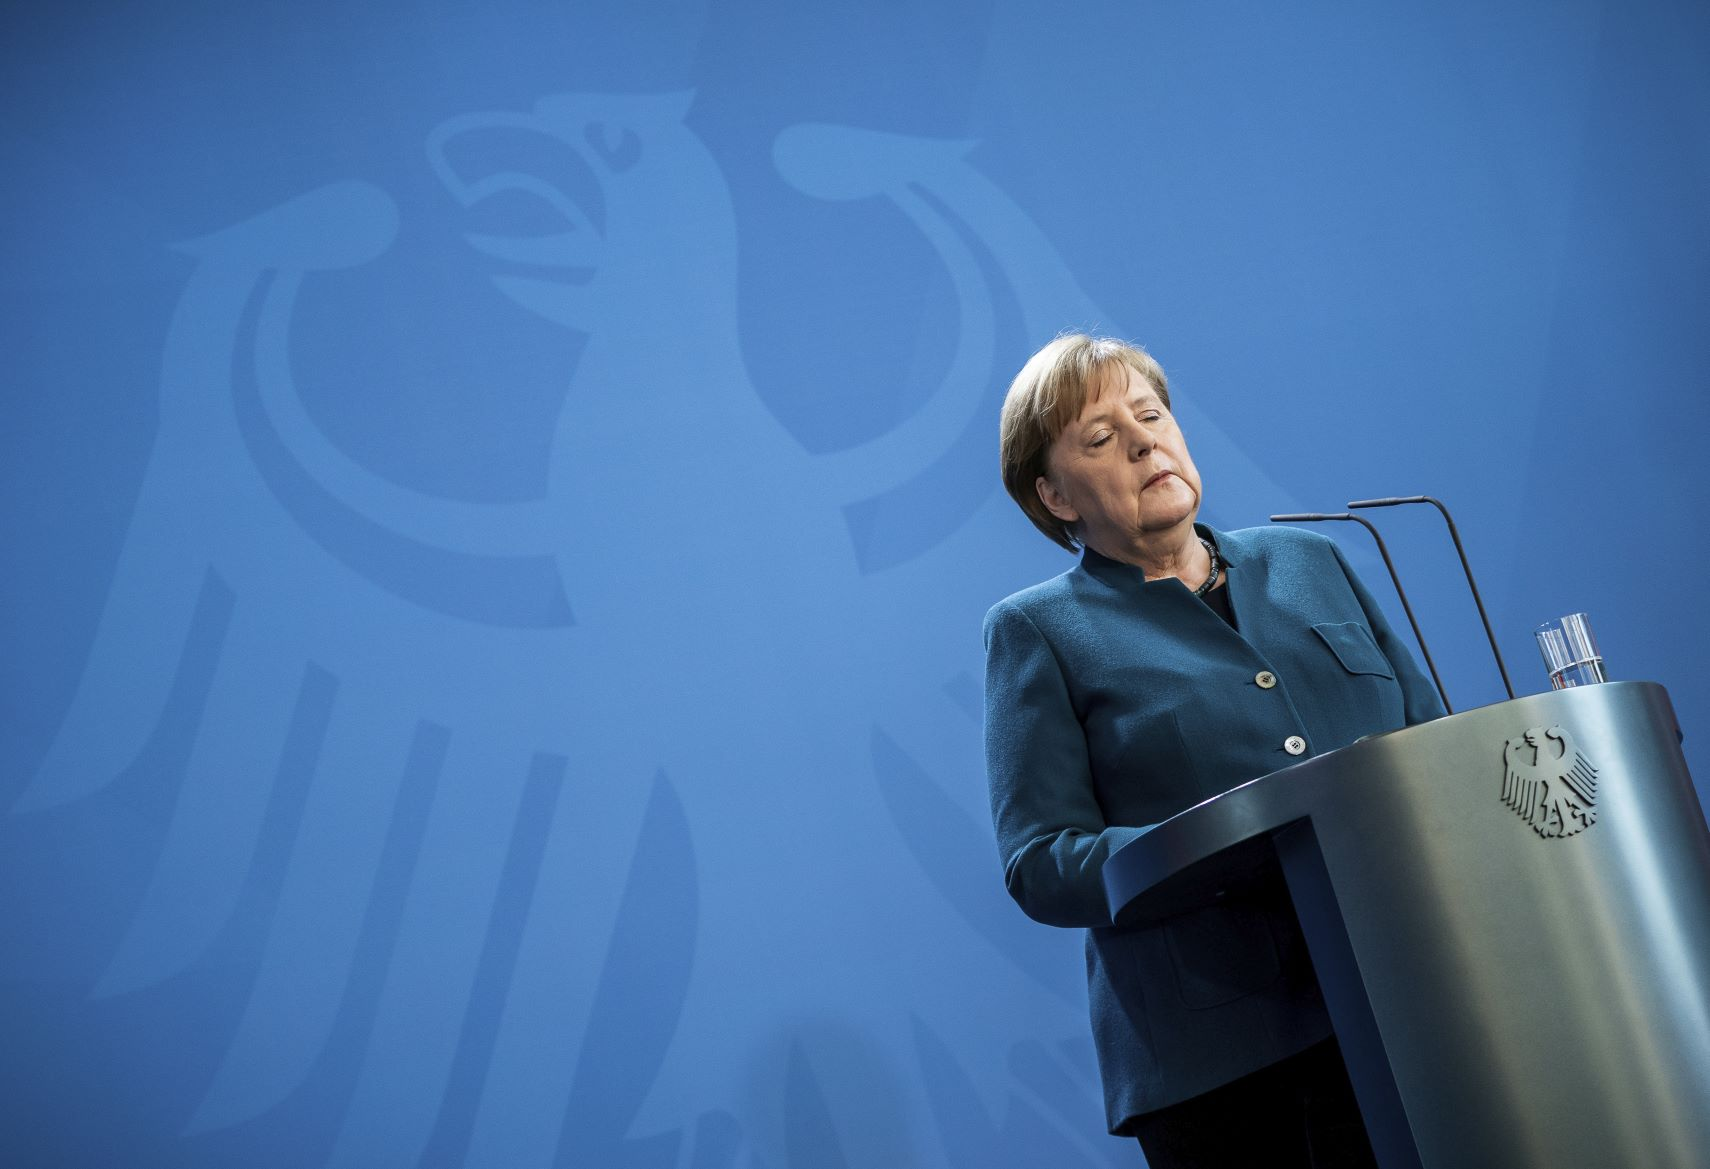 Bundeskanzlerin Angela Merkel während einer Stellungnahme zur Corona-Krise Ende März Foto: picture alliance / AP Photo